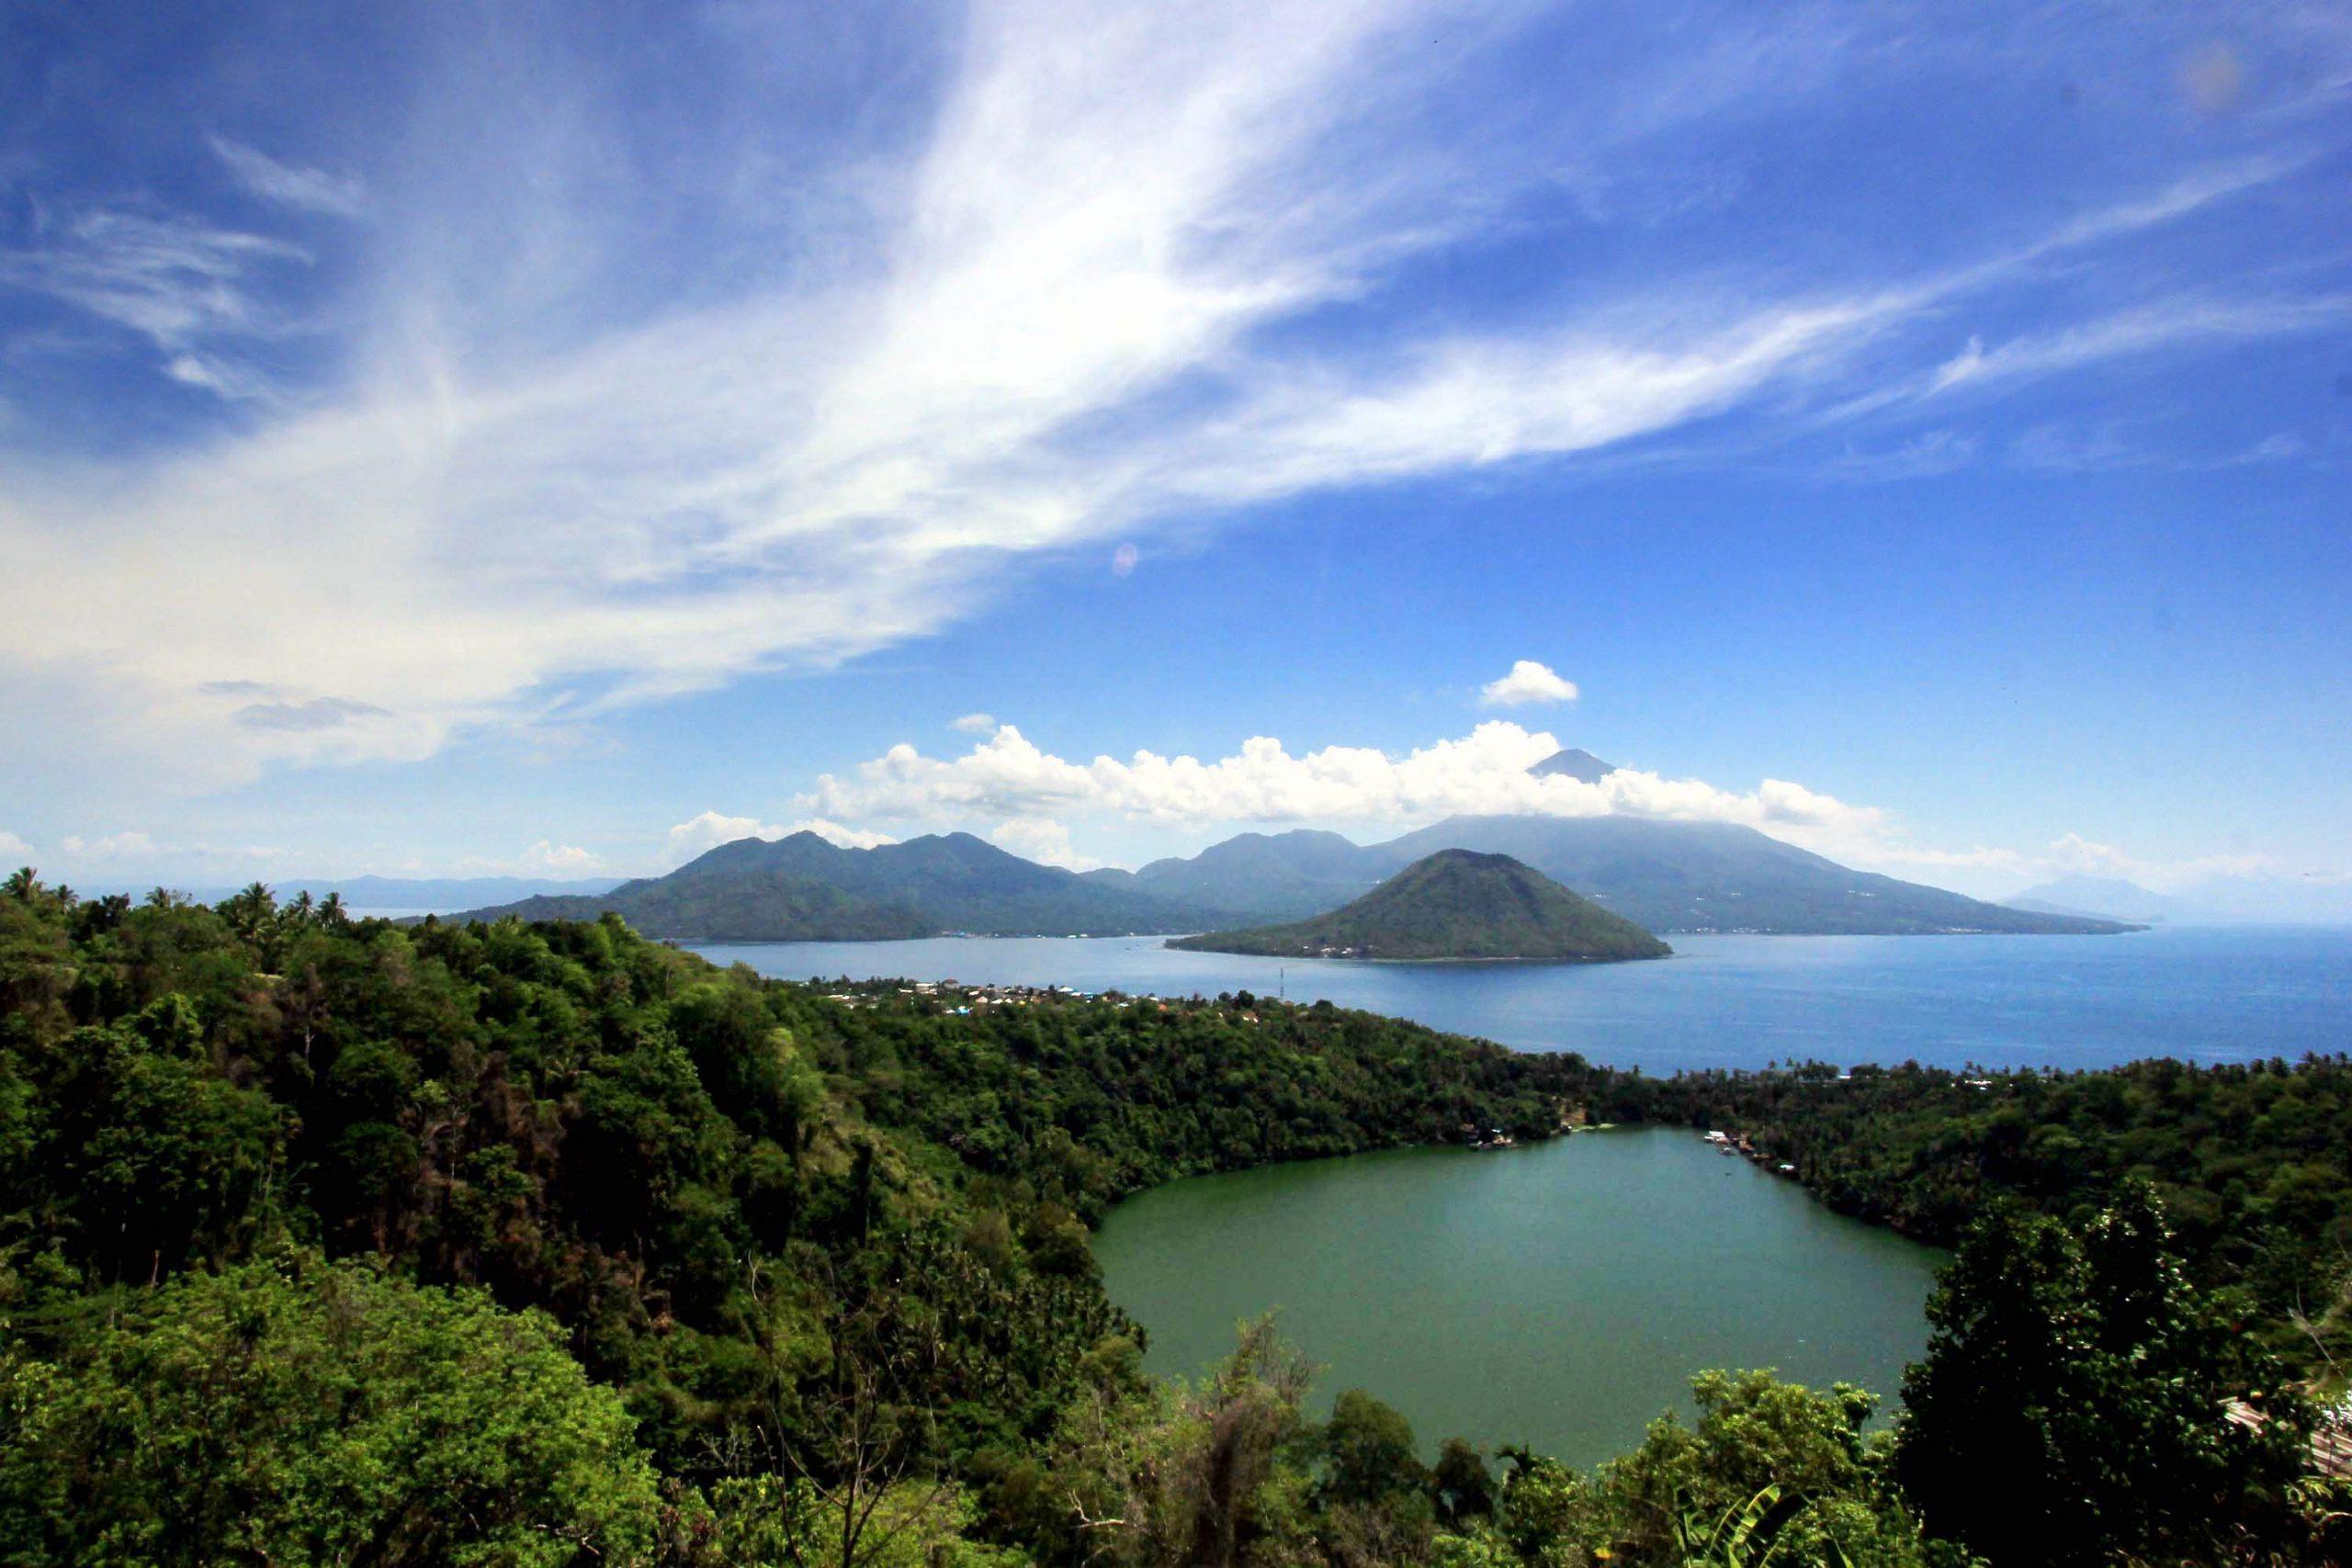 Danau Ngade